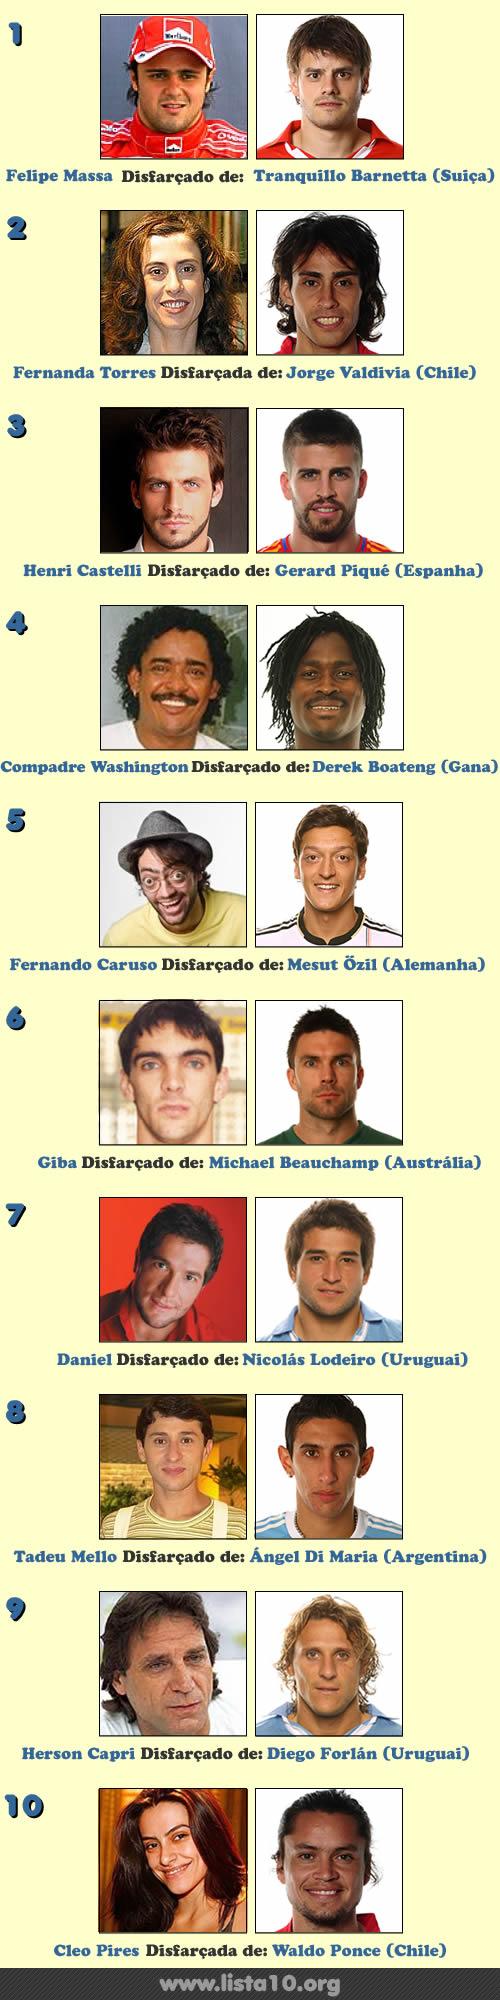 10 Celebridades que estão jogando na copa do mundo 2010 e você nem sabia